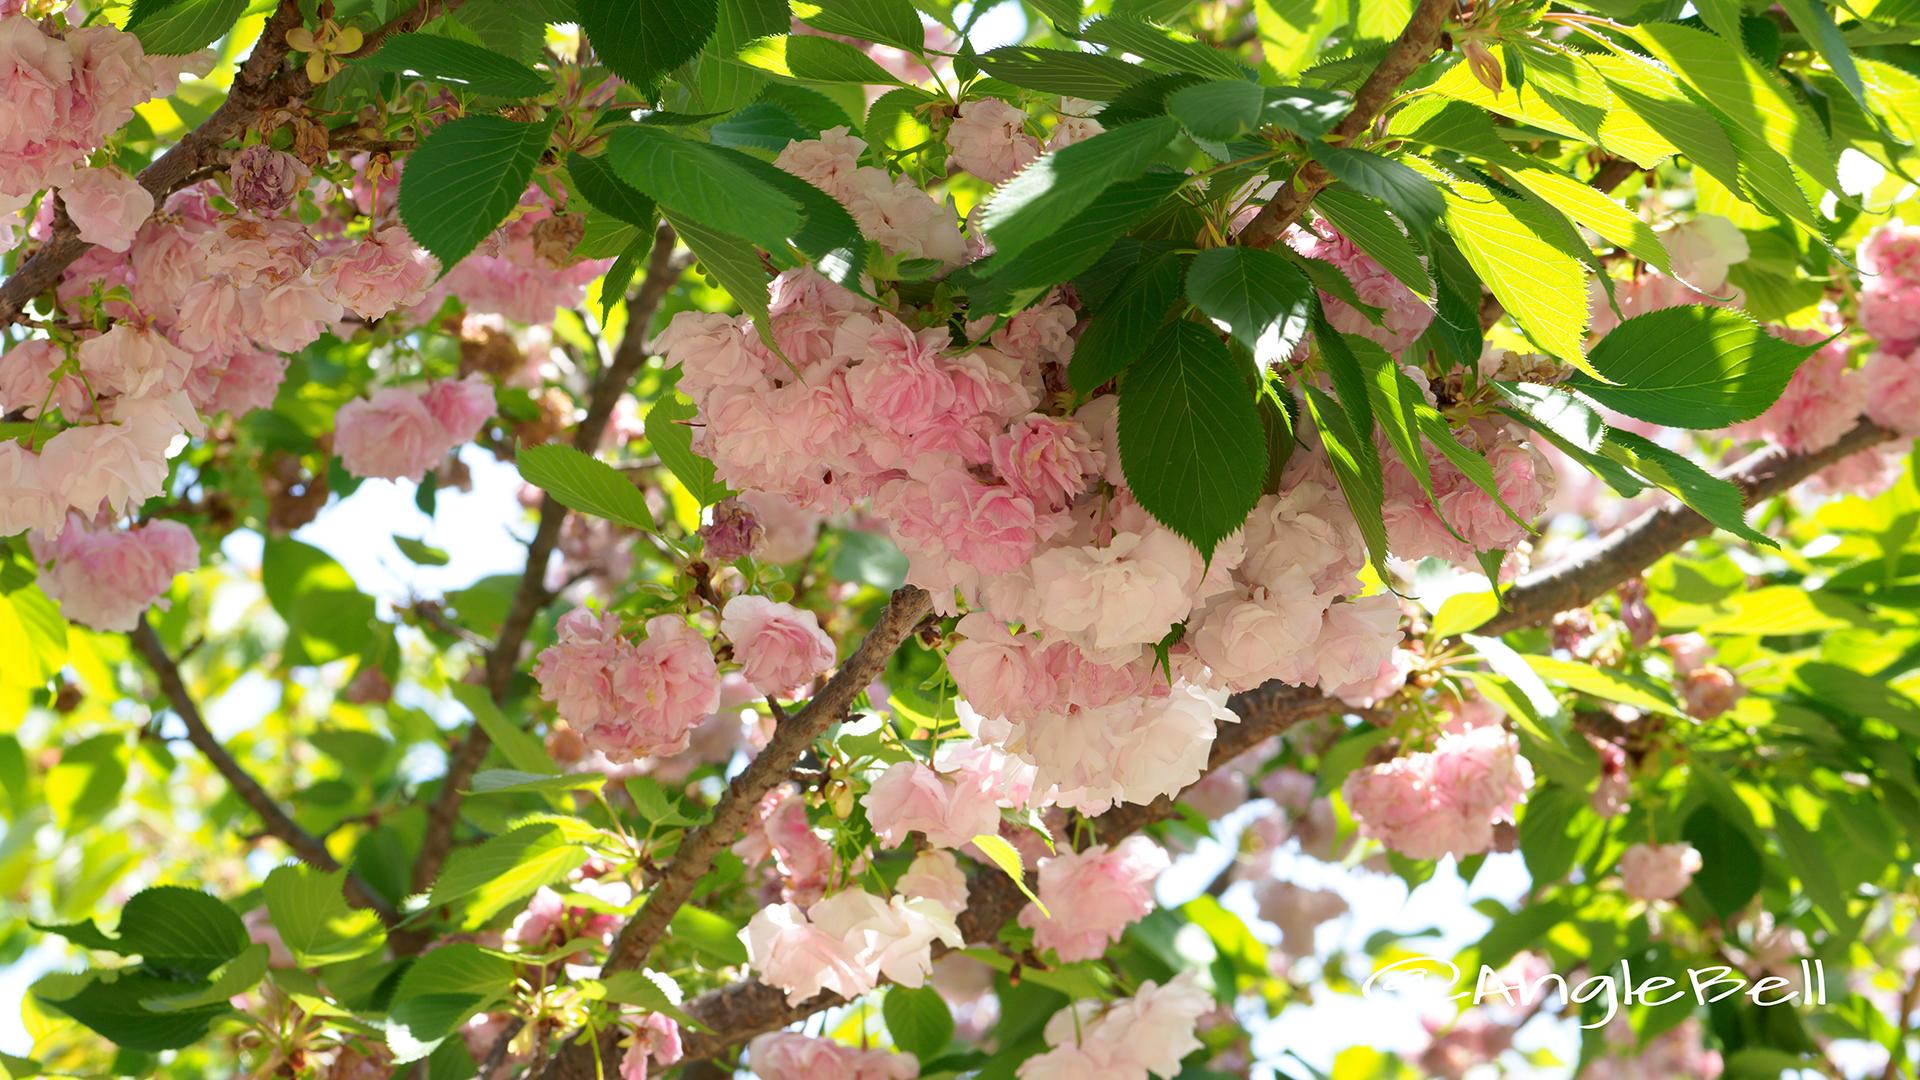 マツマエヤエコトブキ 松前八重寿 Flower Photo2